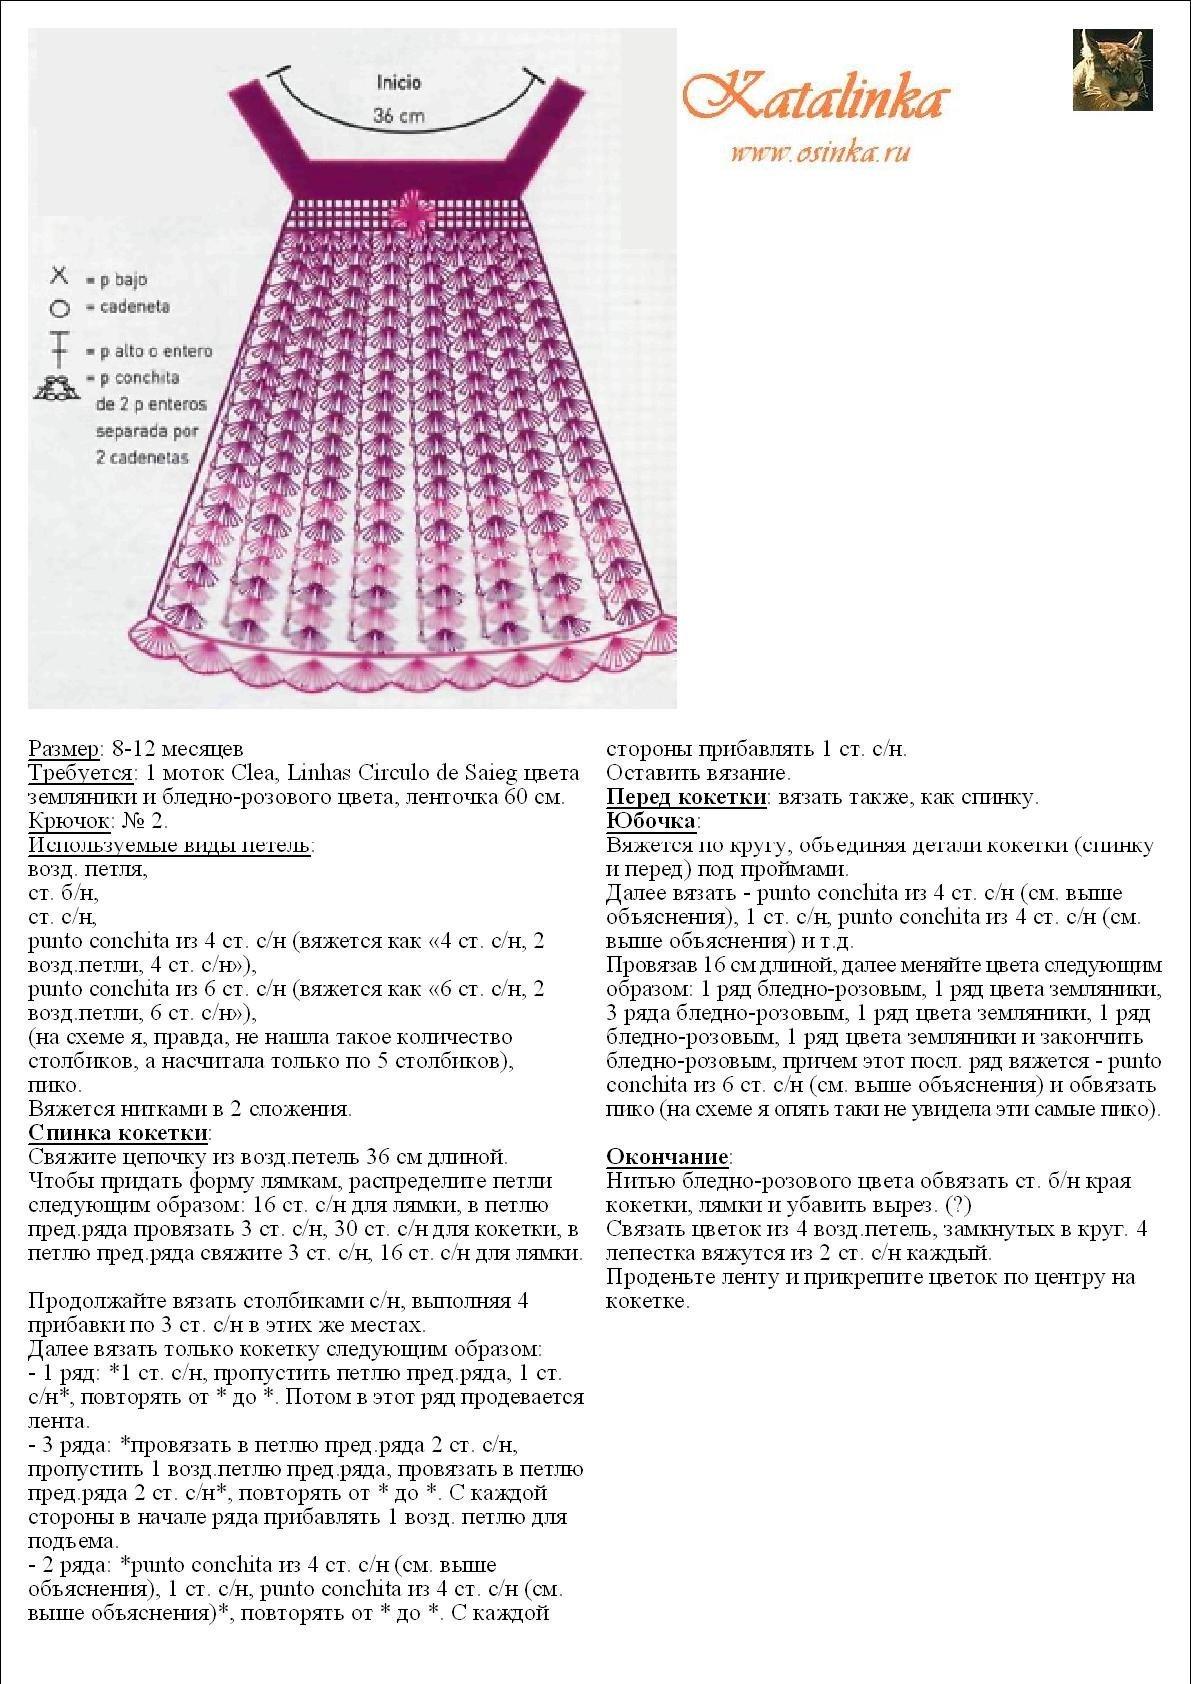 Вязание косой кокетки крючком